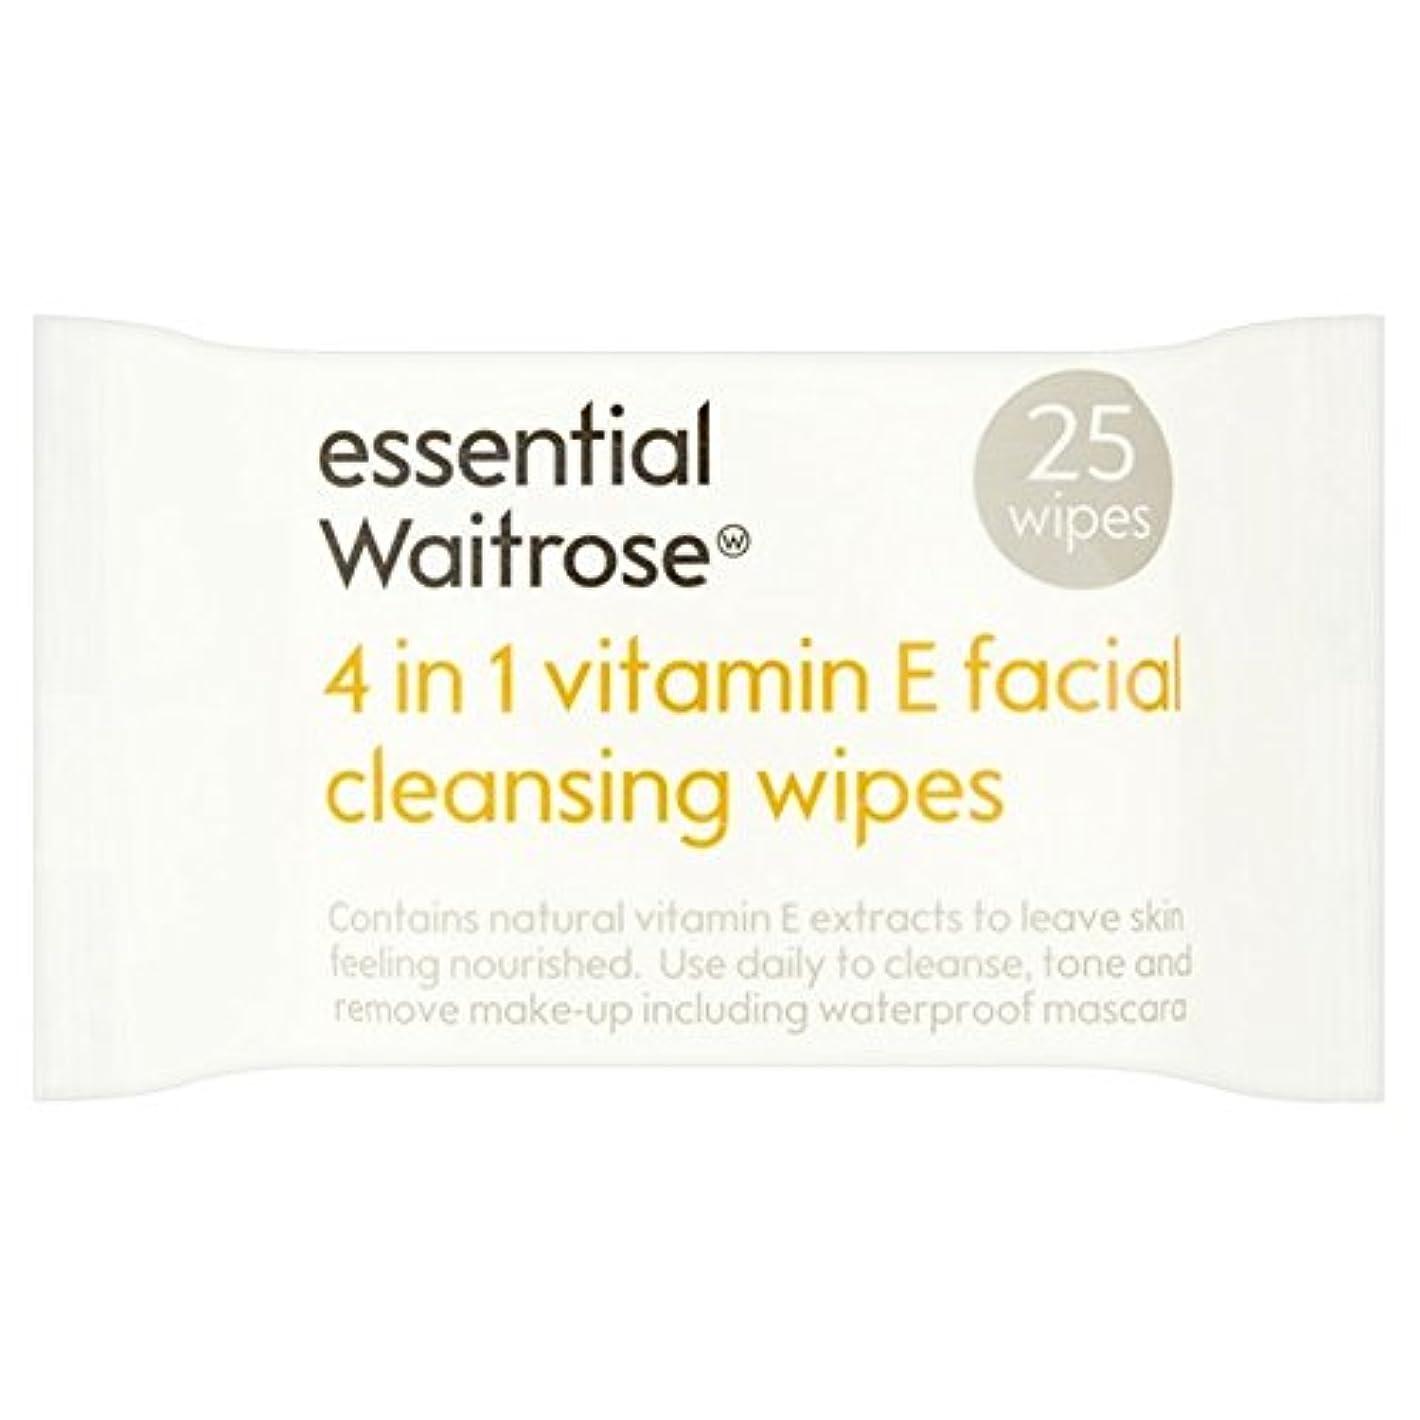 1つのクレンジングで4不可欠パックあたりのビタミンウェイトローズ25ワイプ x4 - Essential 4 in 1 Cleansing Wipes Vitamin E Waitrose 25 per pack (Pack...